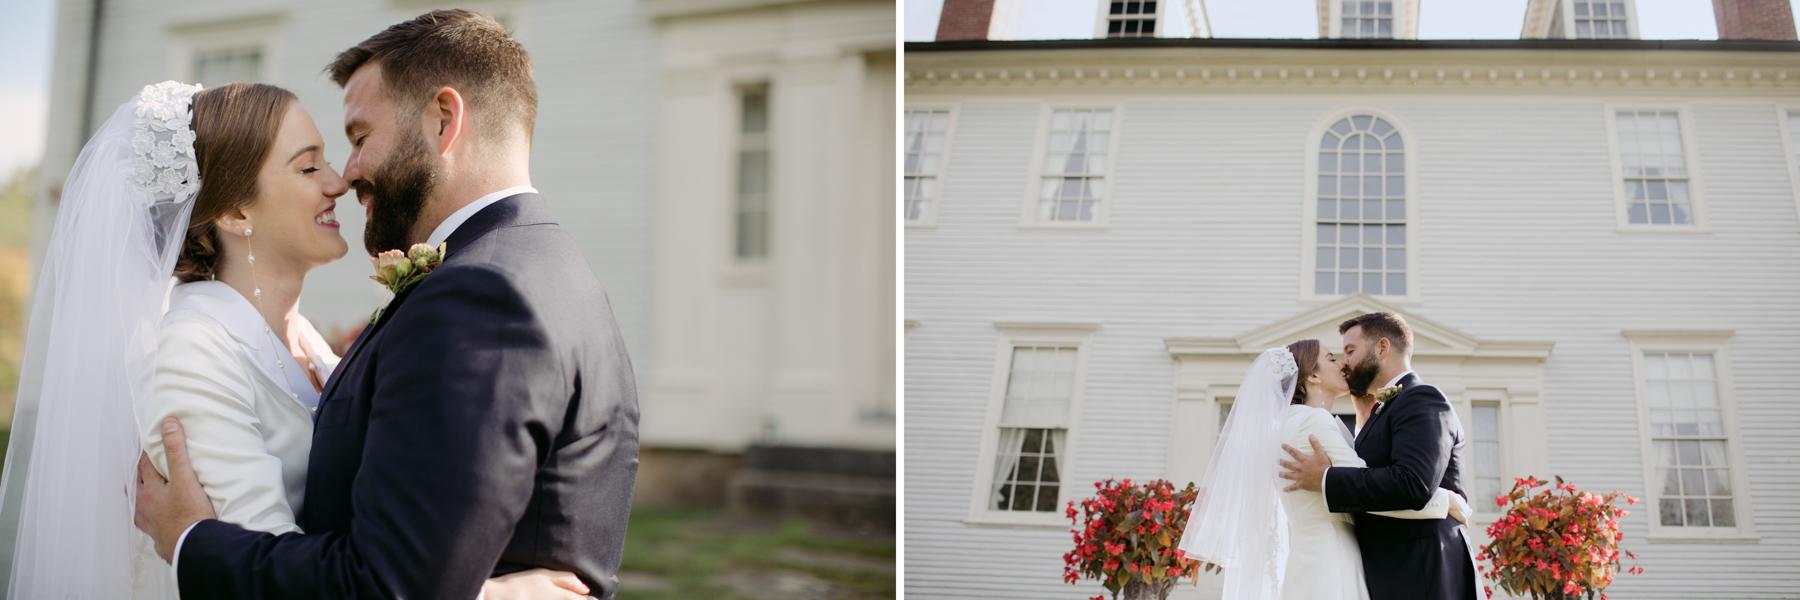 Hamilton_House_wedding_maine_Leah_Fisher_Photography-6.jpg